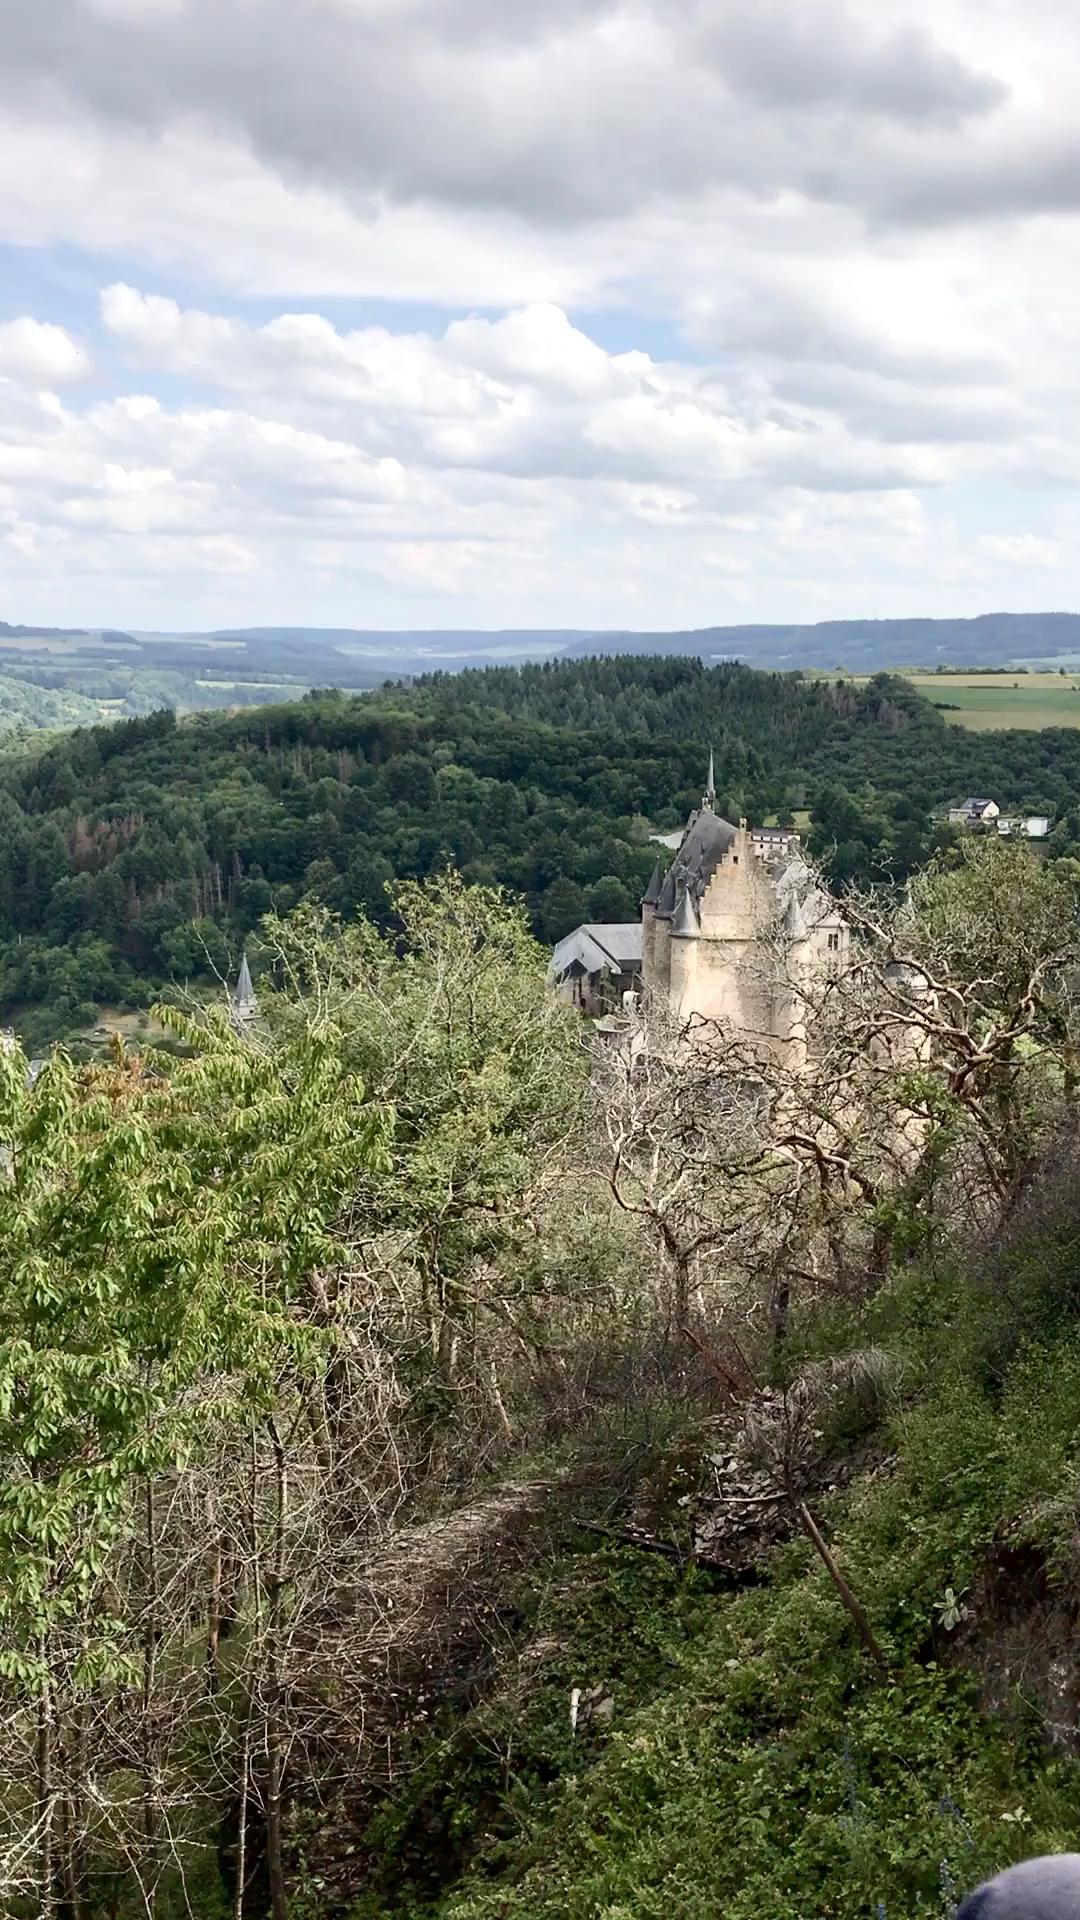 #Luxemburg zählt zu den meist unterschätzten Ländern #Europas. Mache nun einen #Wochenendtrip und entdecke Luxemburg #Stadt und die Umgebung. Wir haben unsere besten #Tipps  und die schönsten #Sehenswürdigkeiten für dich in unserem Artikel zusammengefasst.